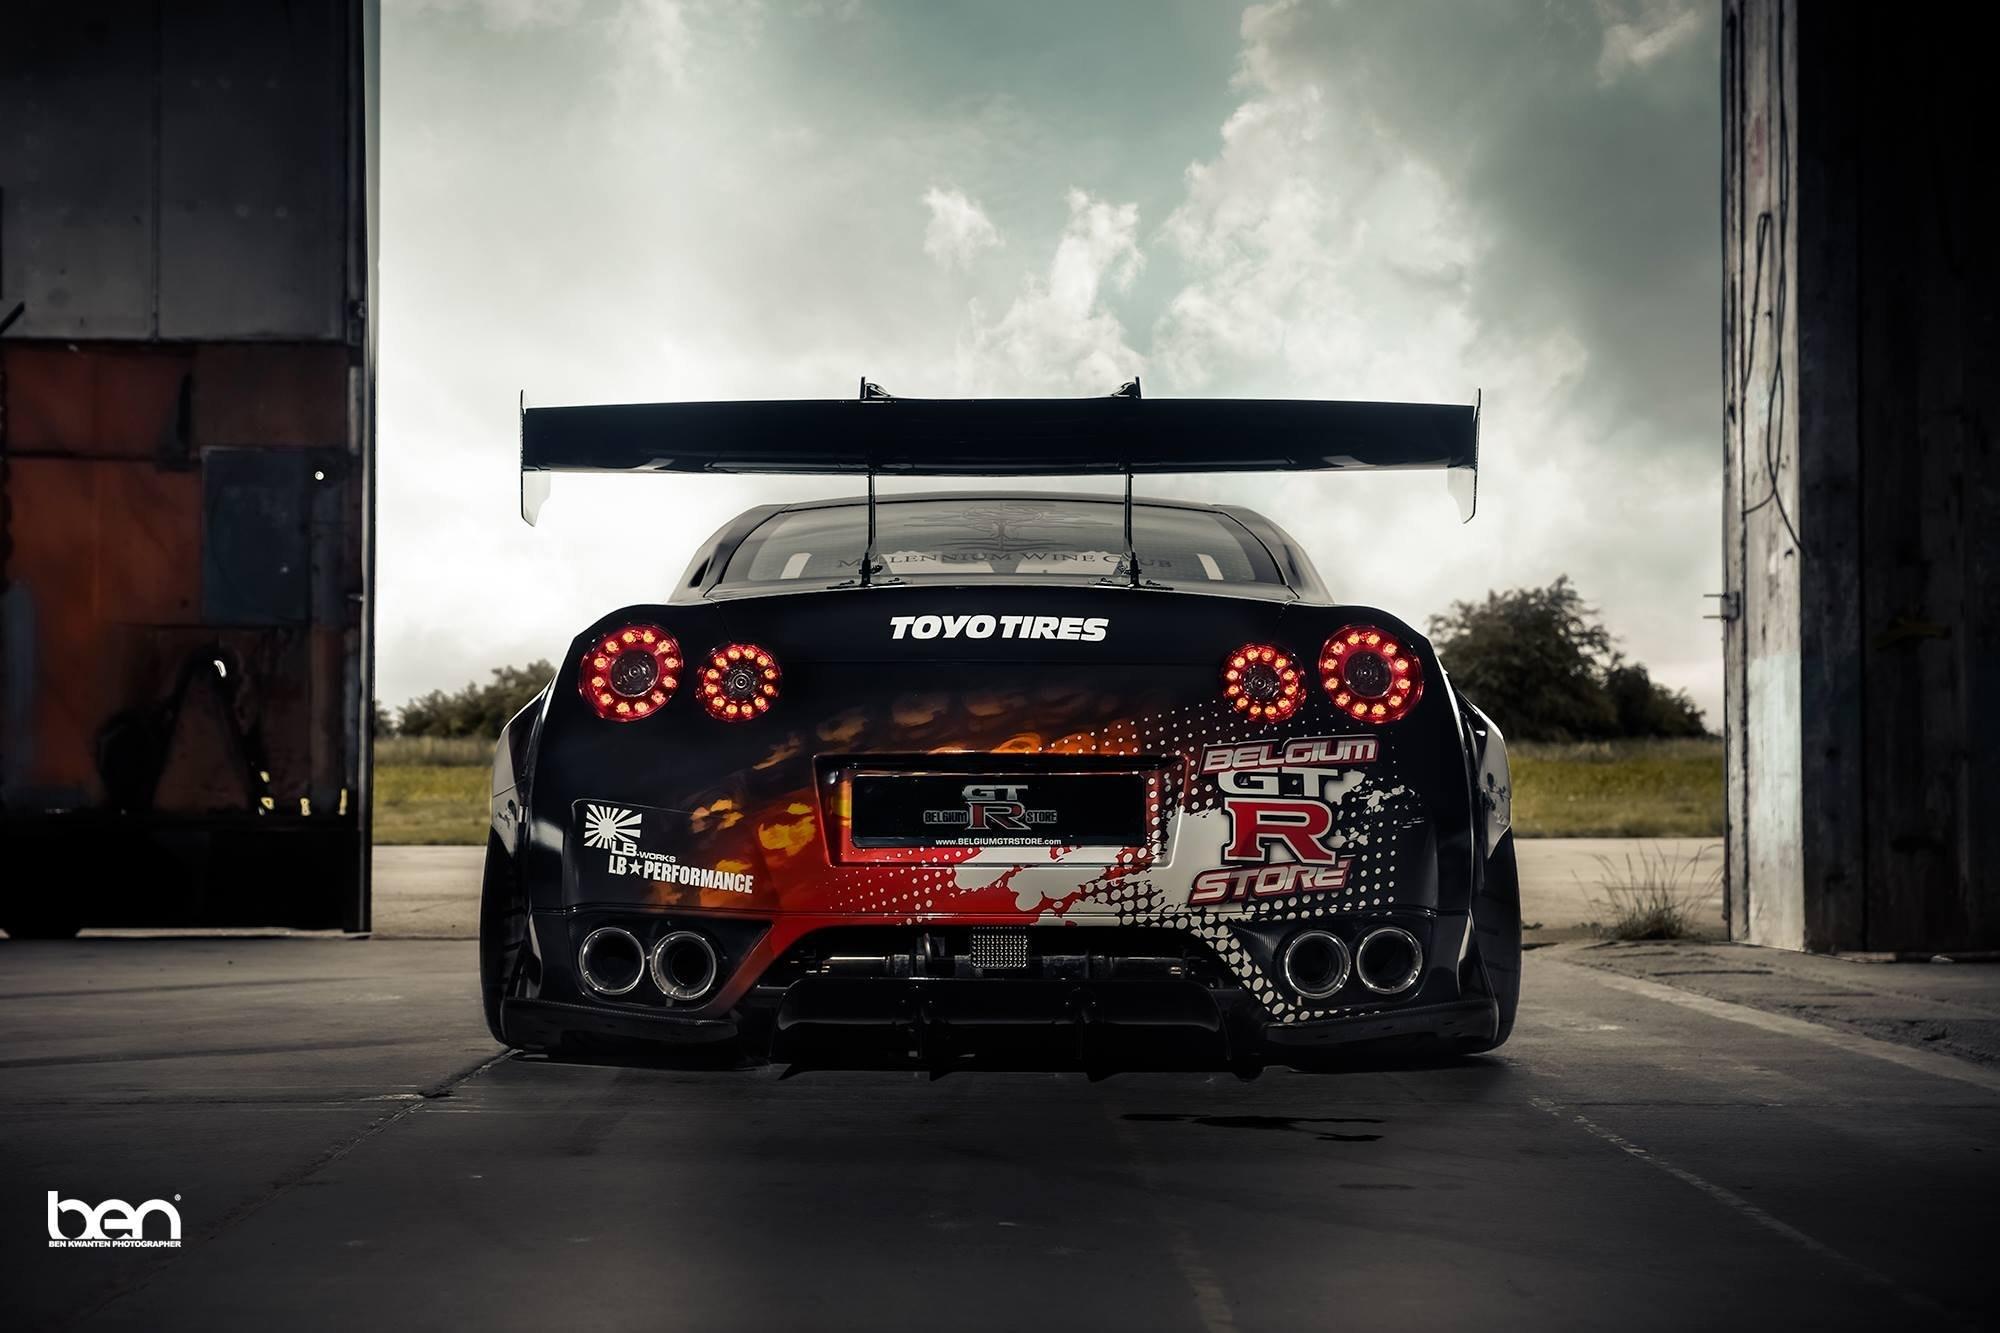 Lamborghini Car Hd Wallpaper For Mobile Liberty Walk Wallpapers 84 Images